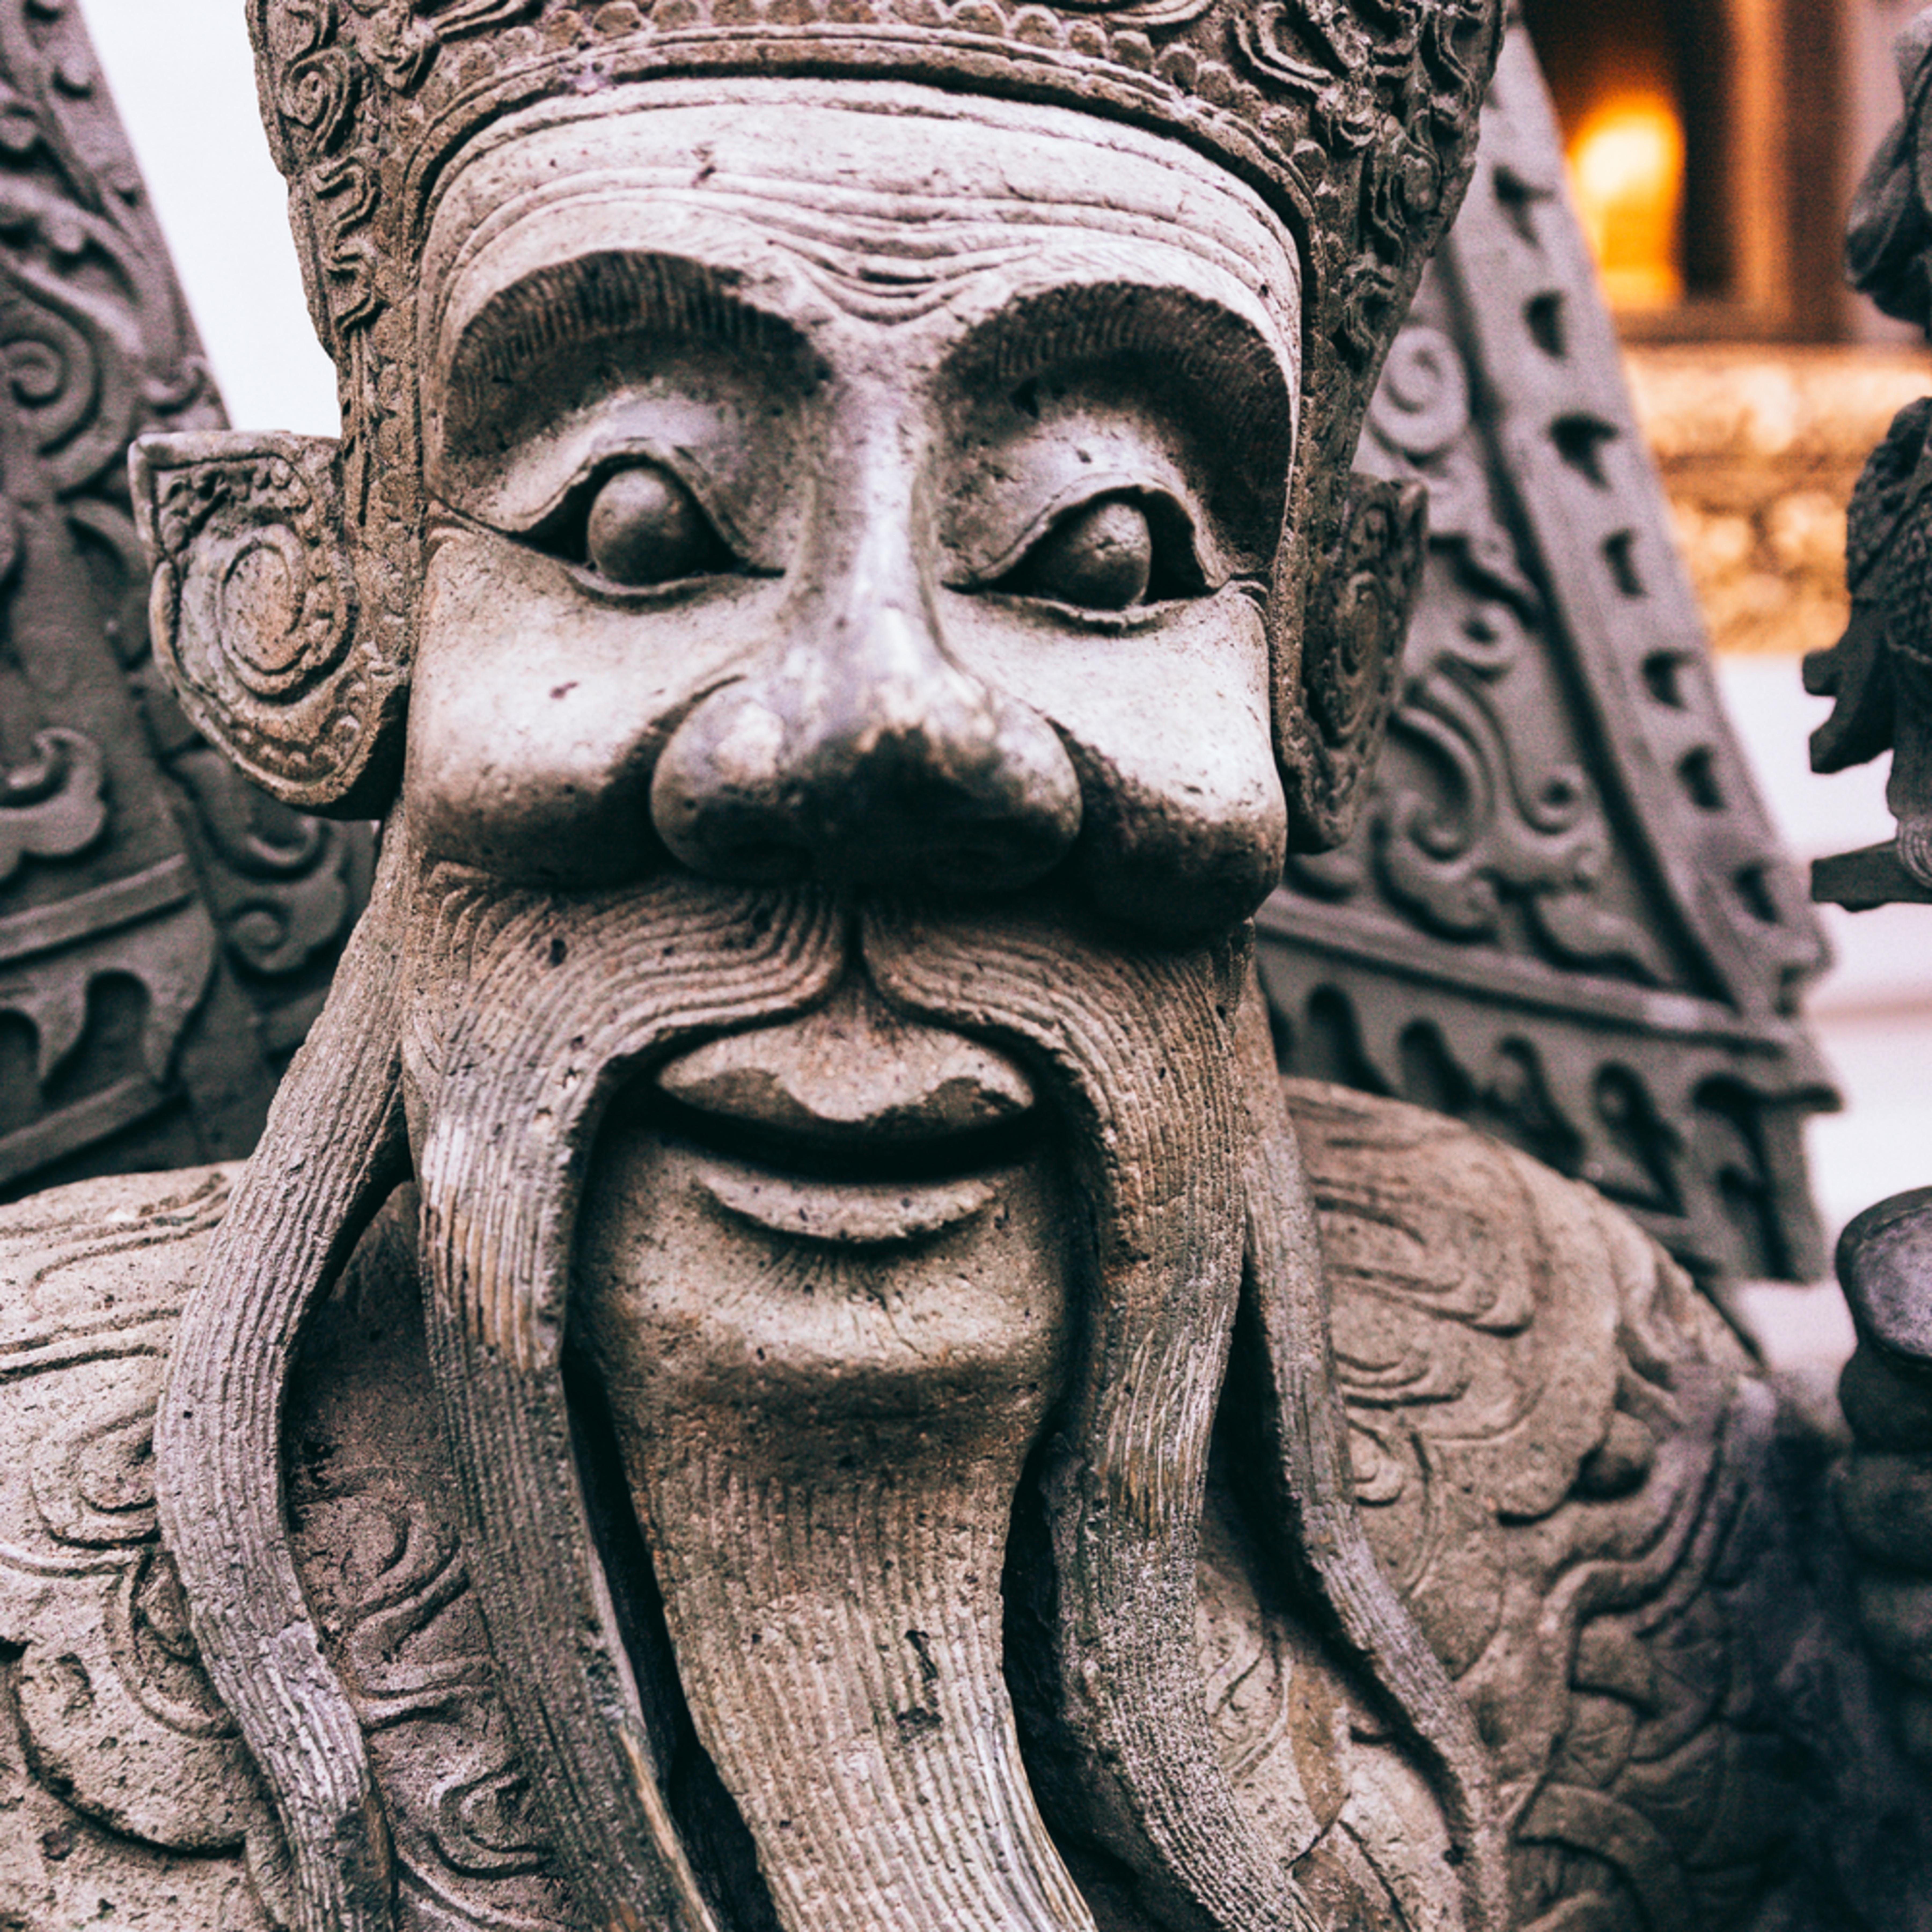 20151208 travel thailand bangkok 0143 edit fkycob